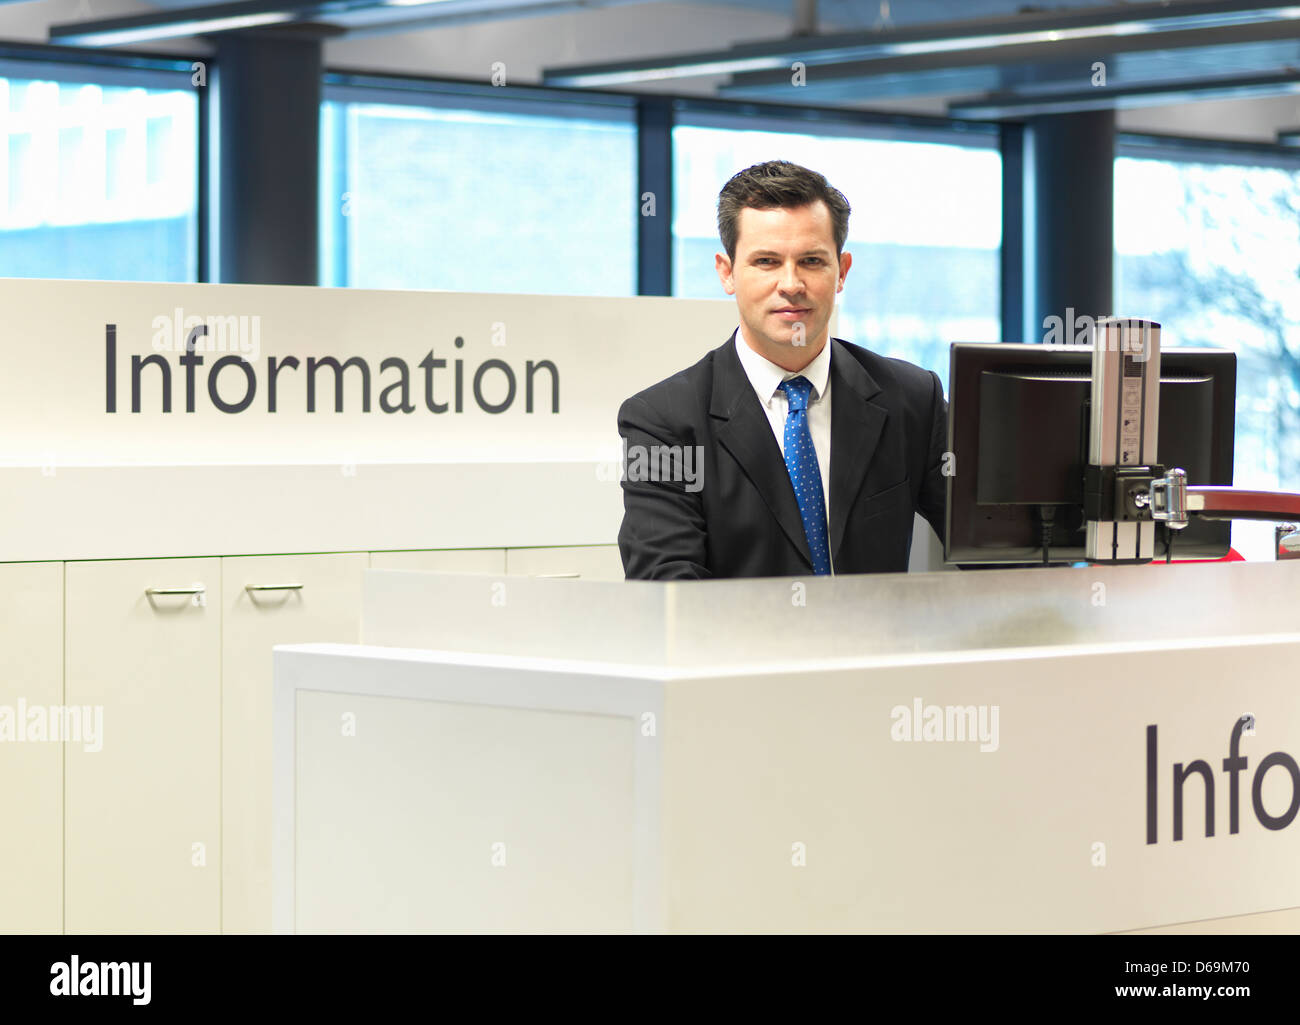 Receptionist smiling at information desk - Stock Image